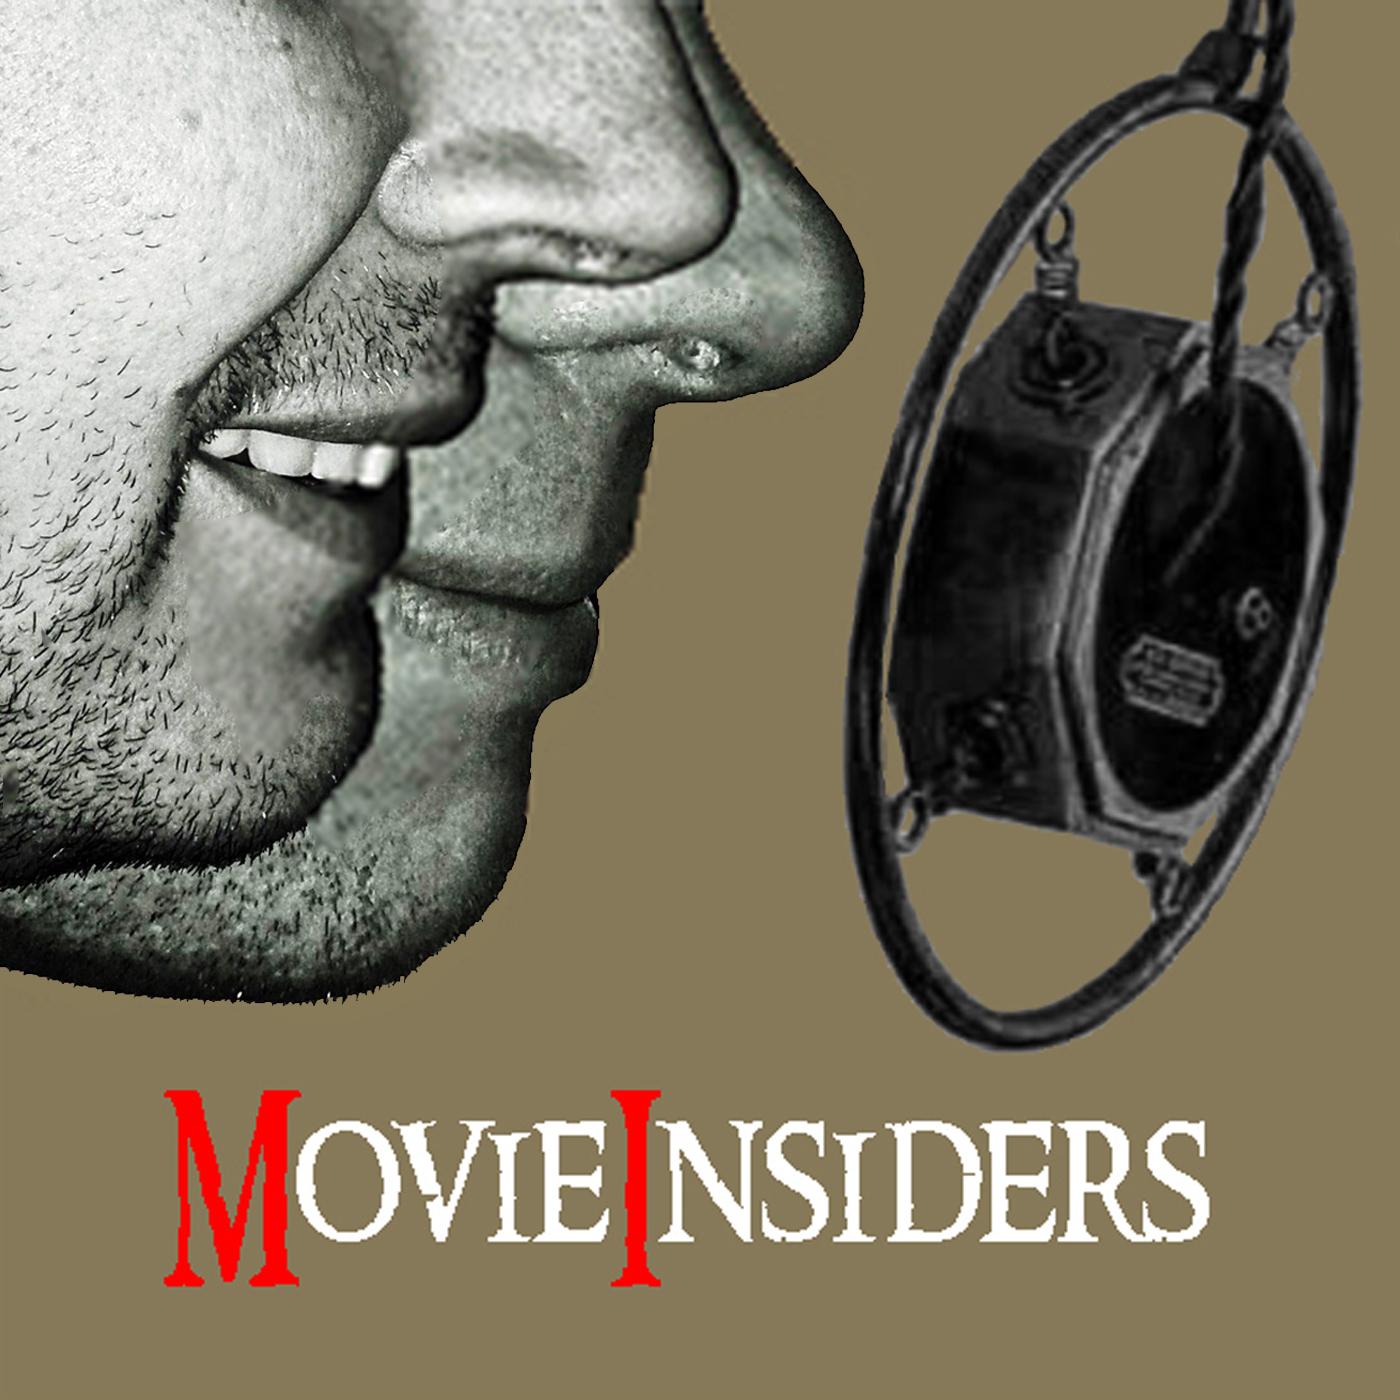 MovieInsiders logo